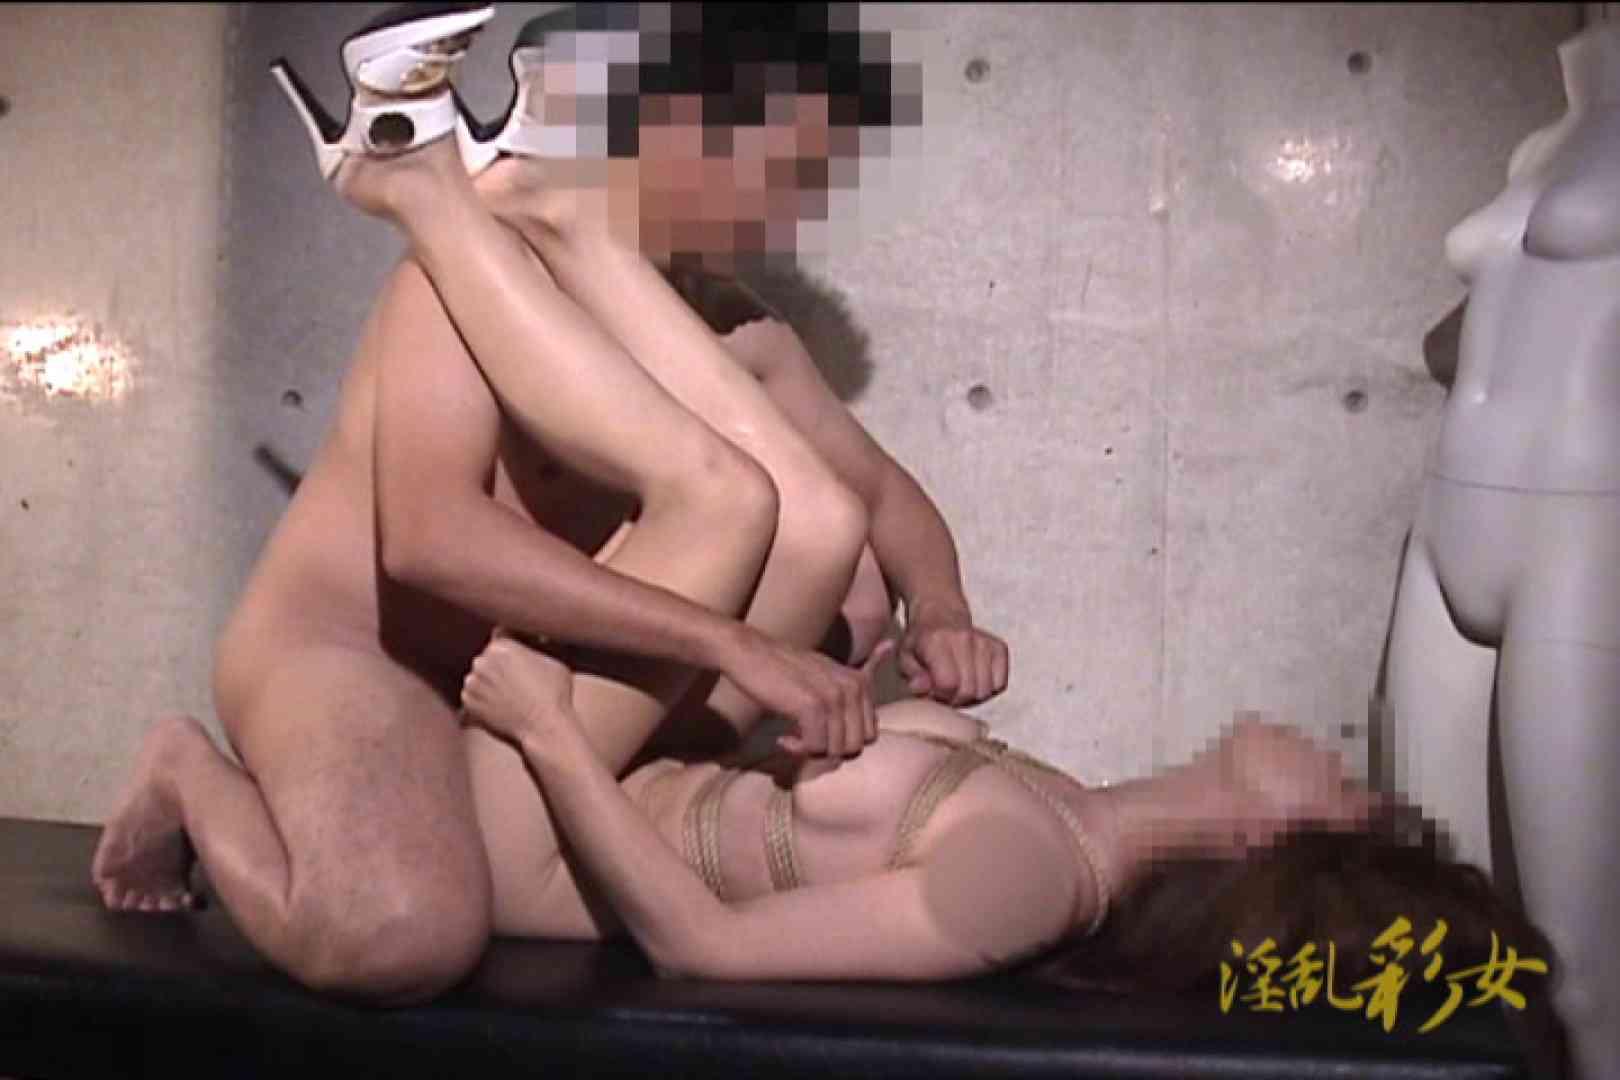 淫乱彩女 麻優里 スタジオで撮影 緊縛 | ギャル達のおっぱい  80画像 51